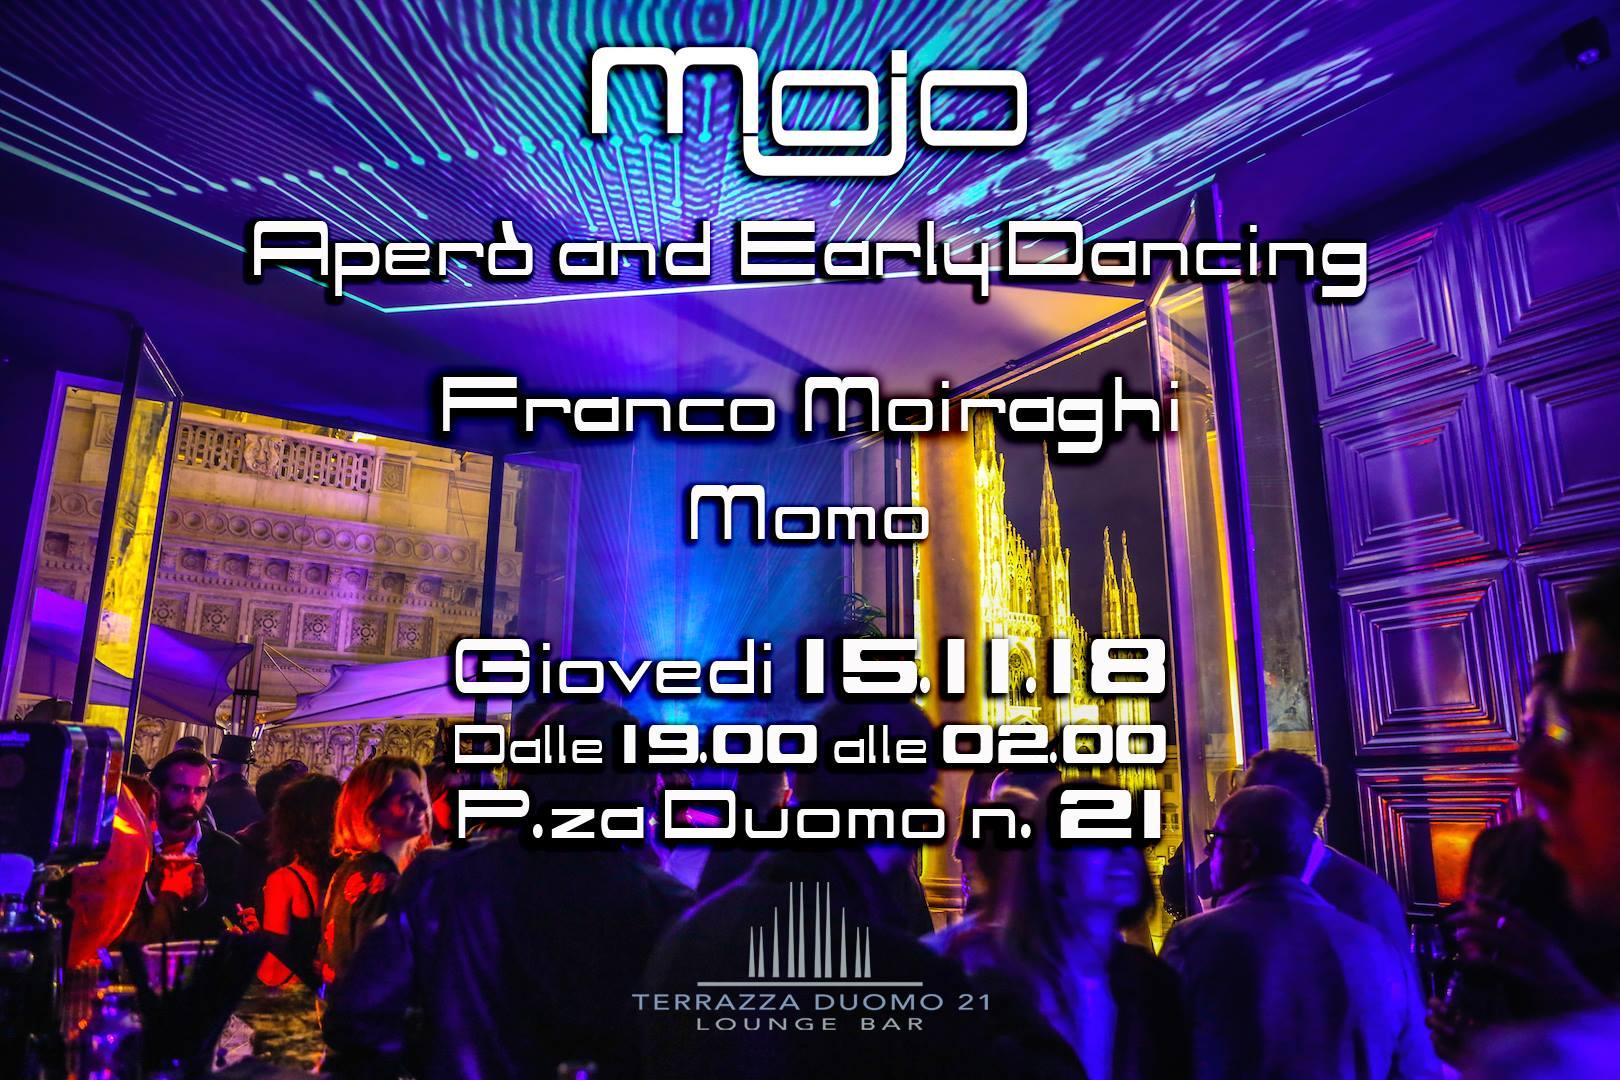 Mojo Presenta Franco Moiraghi Momo A Piazza Duomo 21